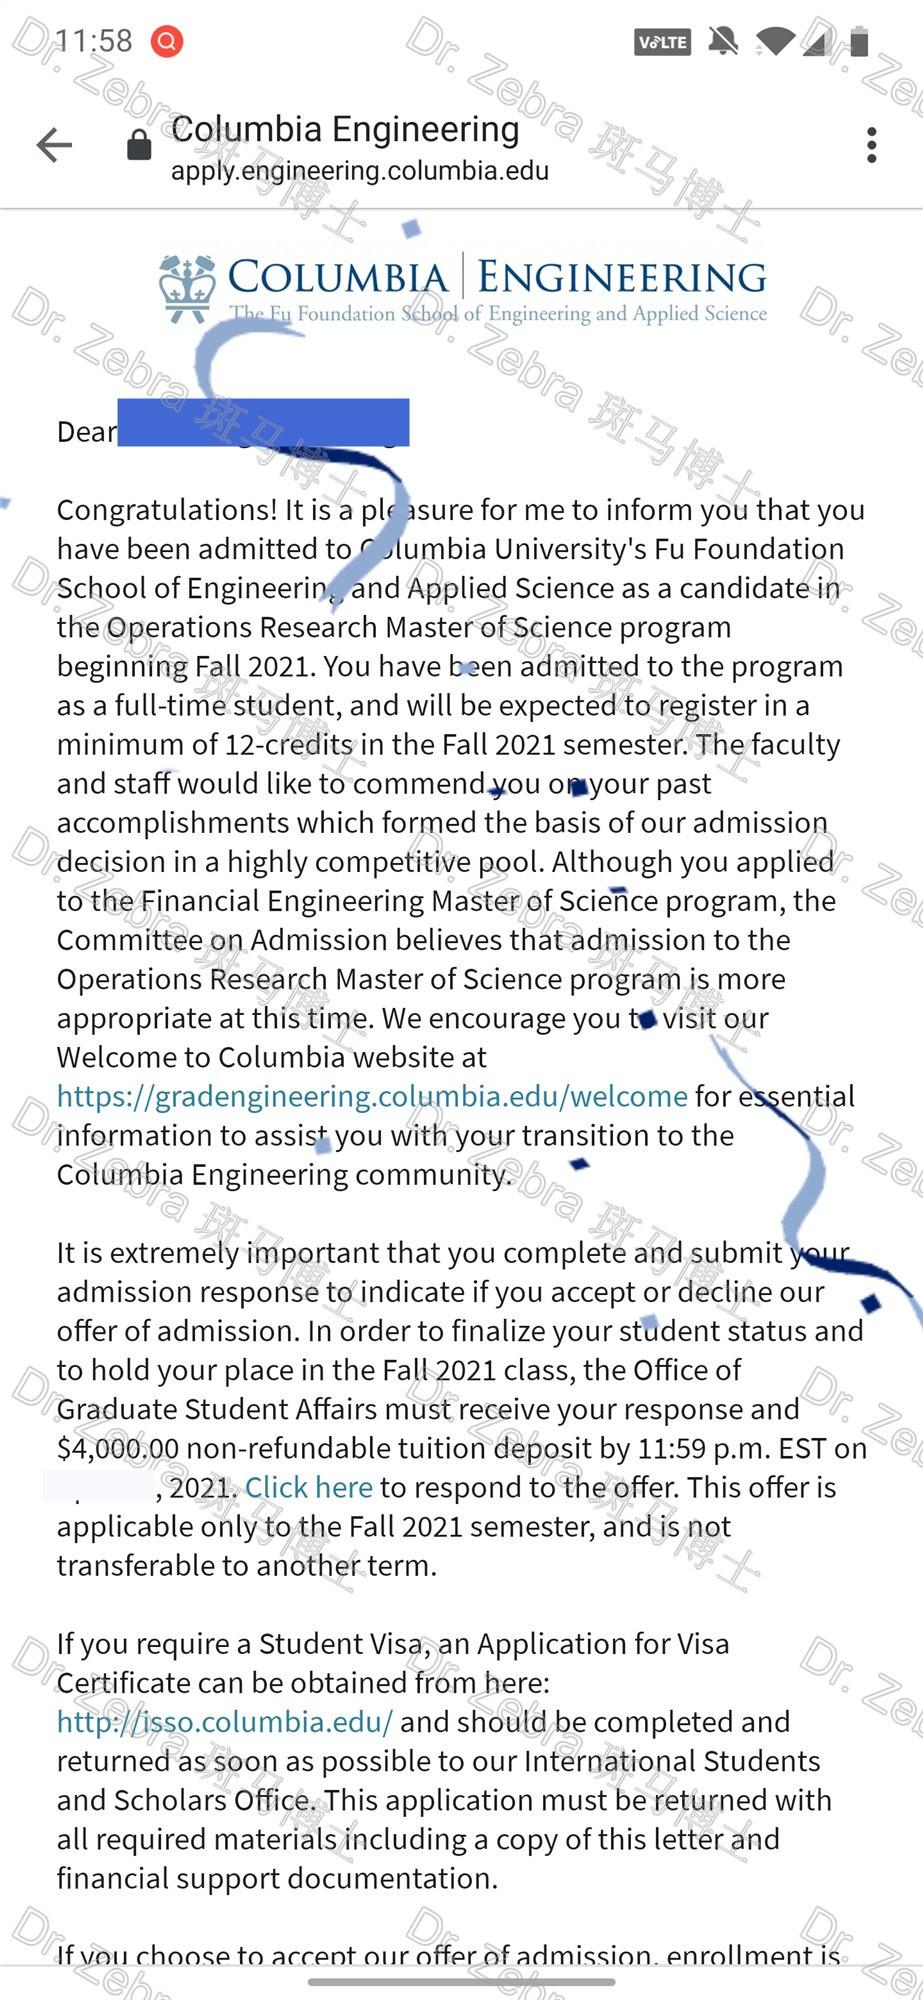 斑马博士留学中心、斑马博士、哥伦比亚大学 、Columbia University 、MS in Operations Research 、MSOR